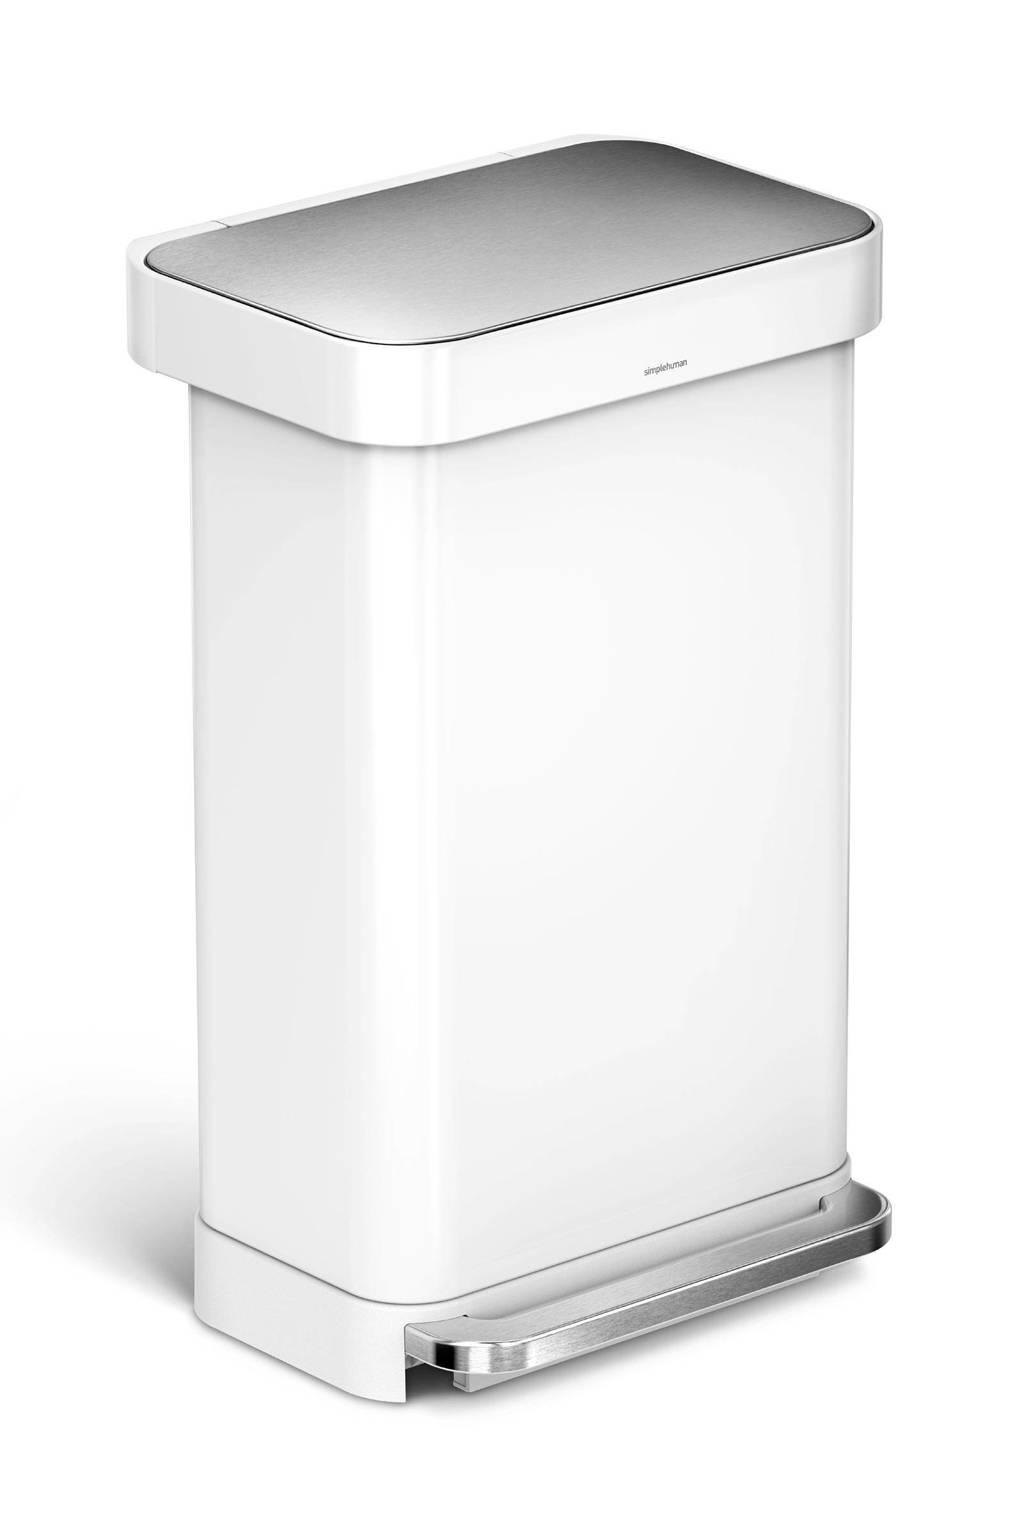 SimpleHuman SH018140 pedaalemmer 45 liter, Wit